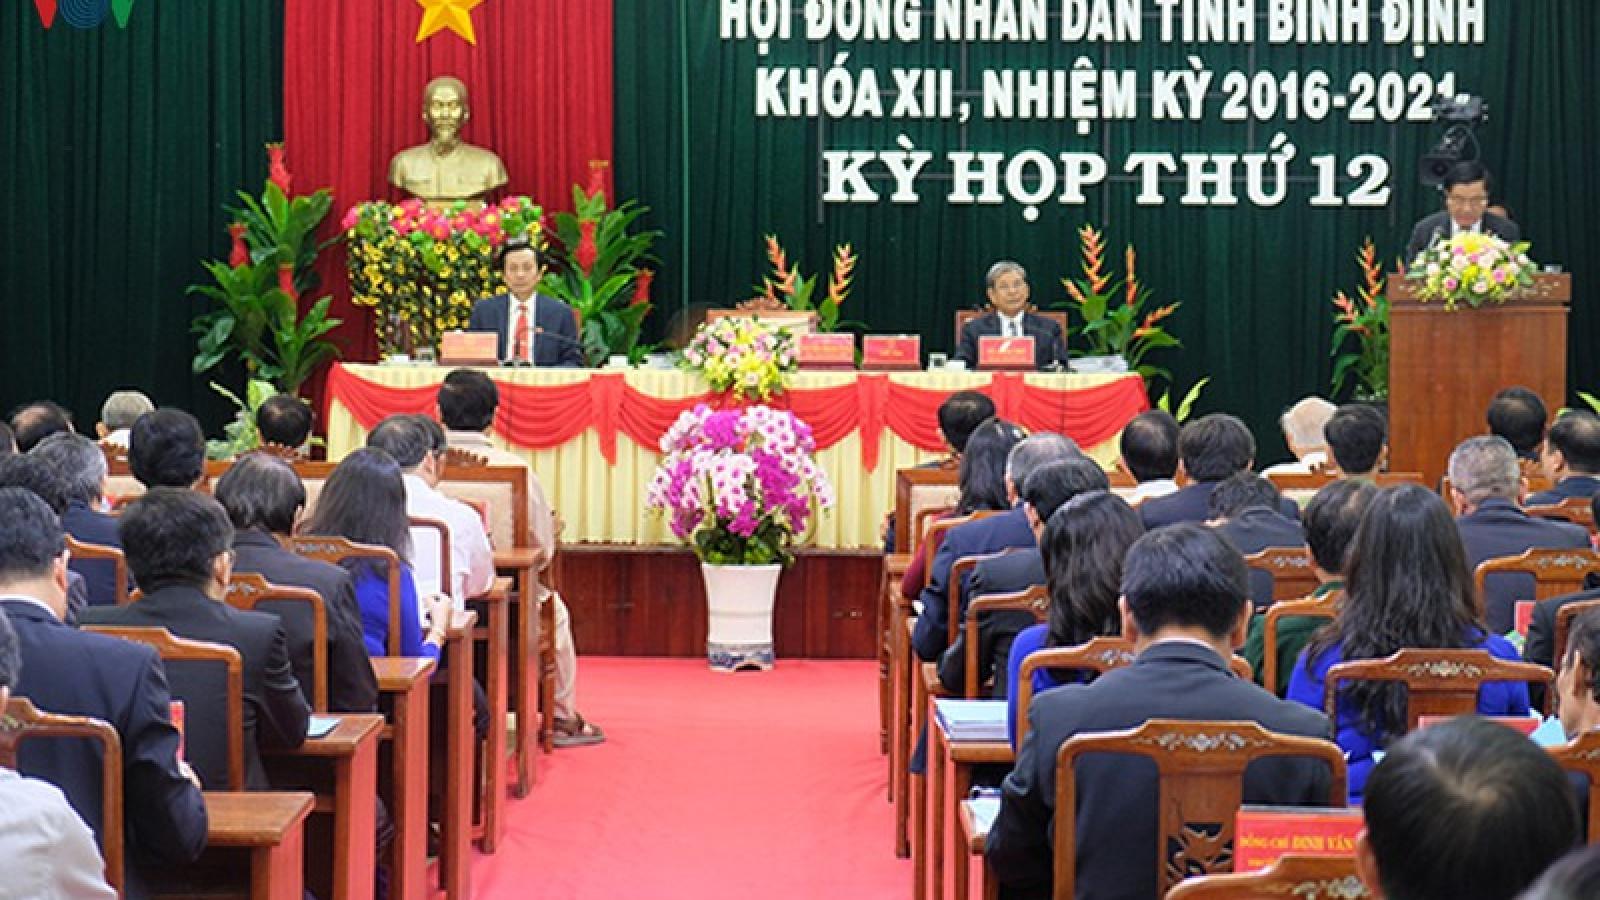 Lần đầu tiên HĐND tỉnh Bình Định không tổ chức chất vấn trực tiếp